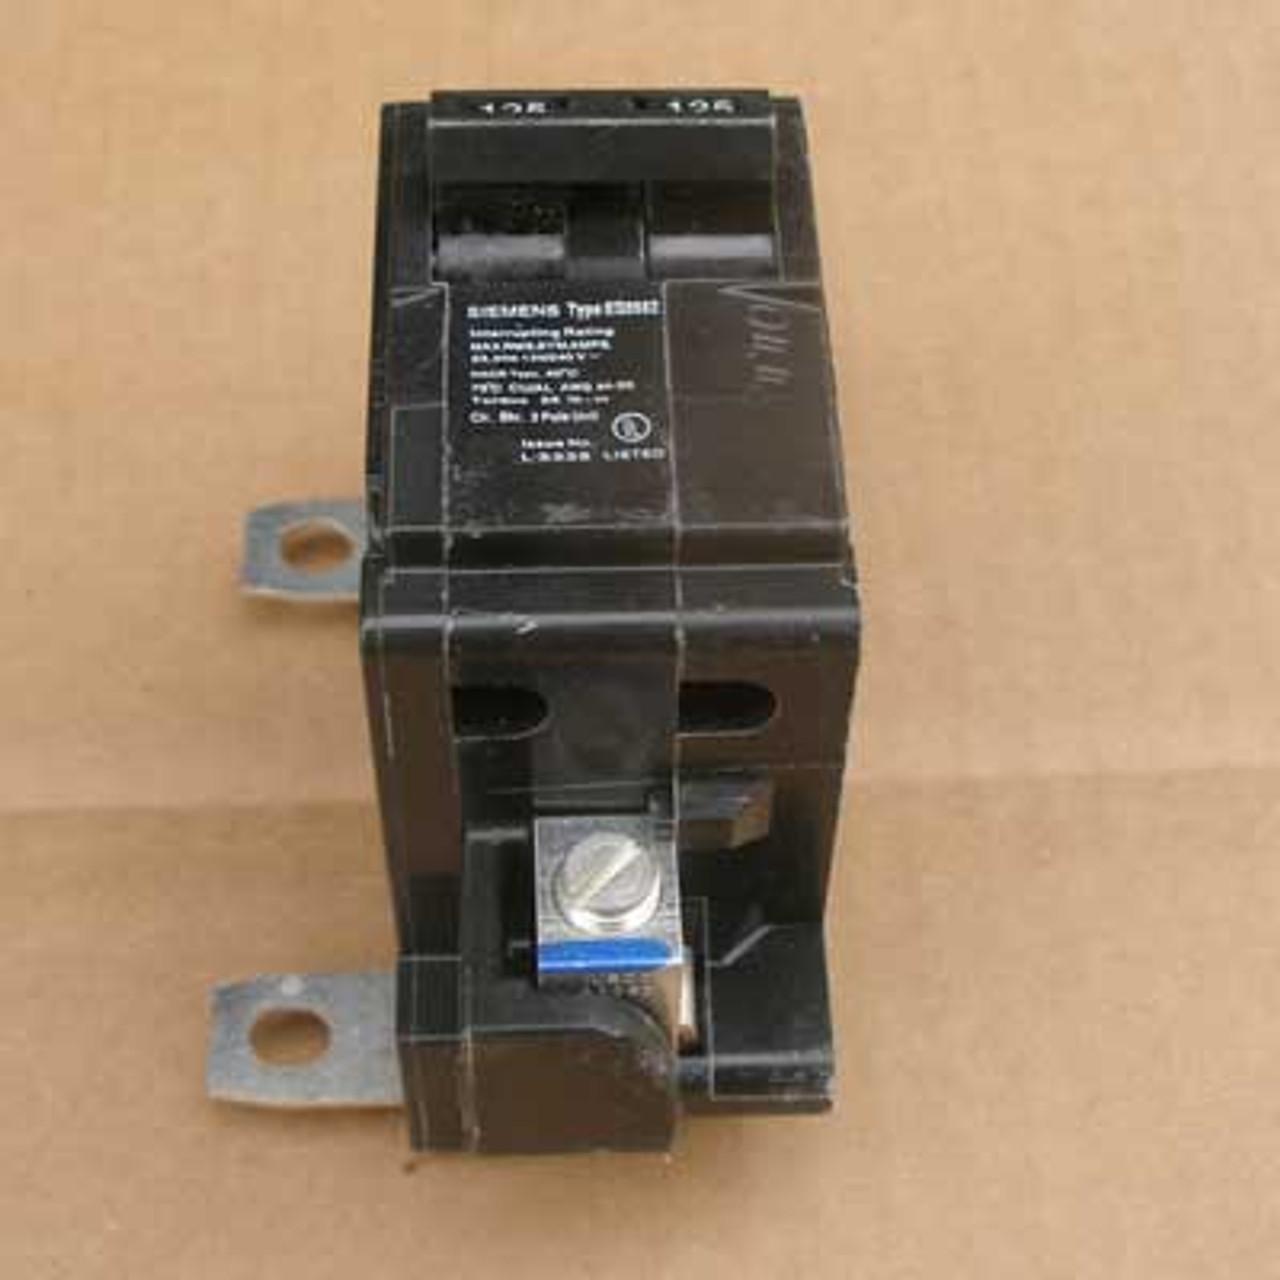 Siemens MBK150 2 Pole 150 Amp 240VAC Main MC Circuit Breaker - New